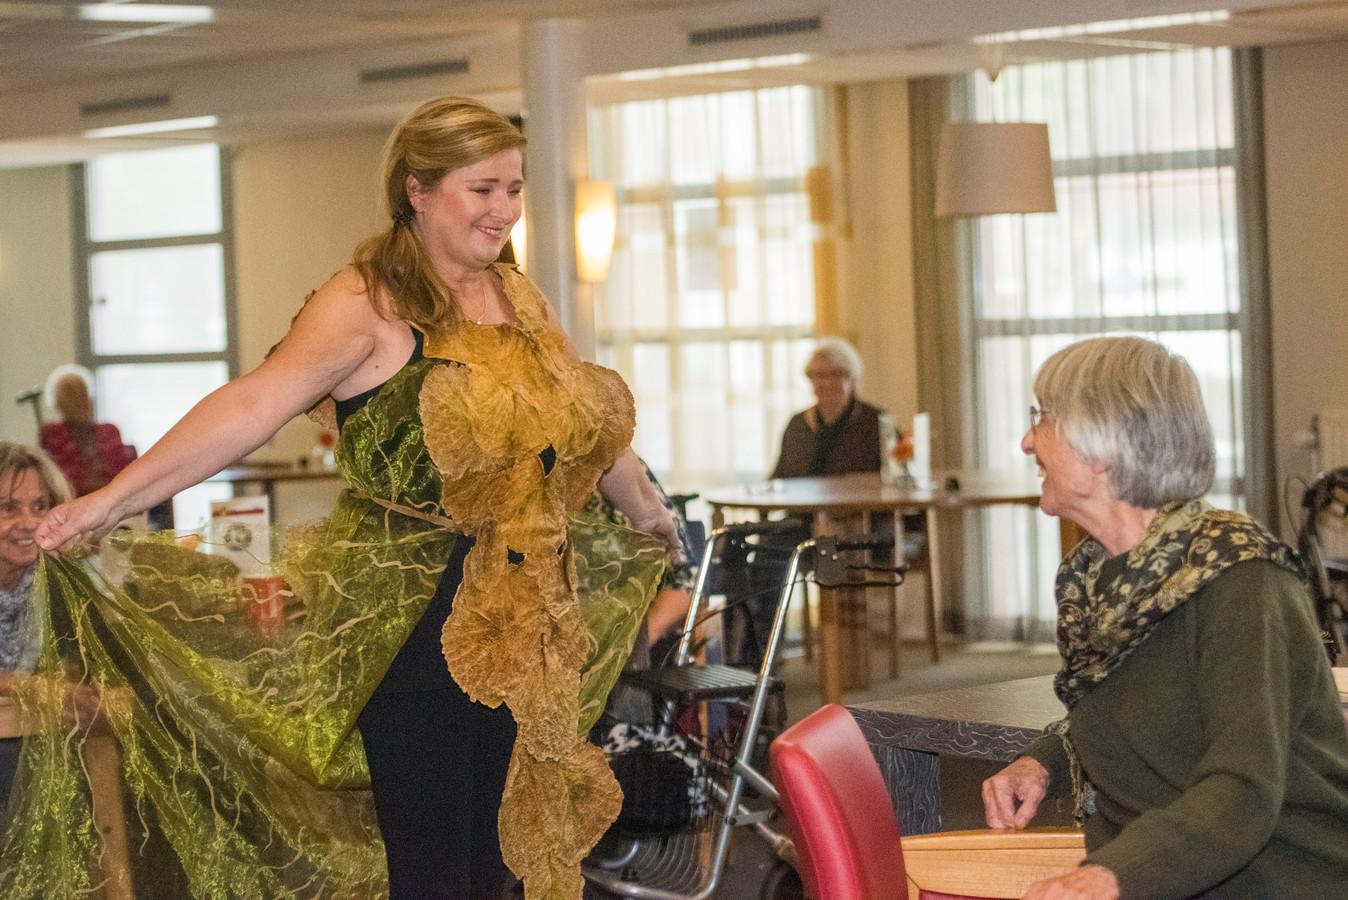 De wonderlijke creaties van Agnes van Dijk worden zeer op prijs gesteld door de bewoners van verzorgingshuis De Wilgenhof.